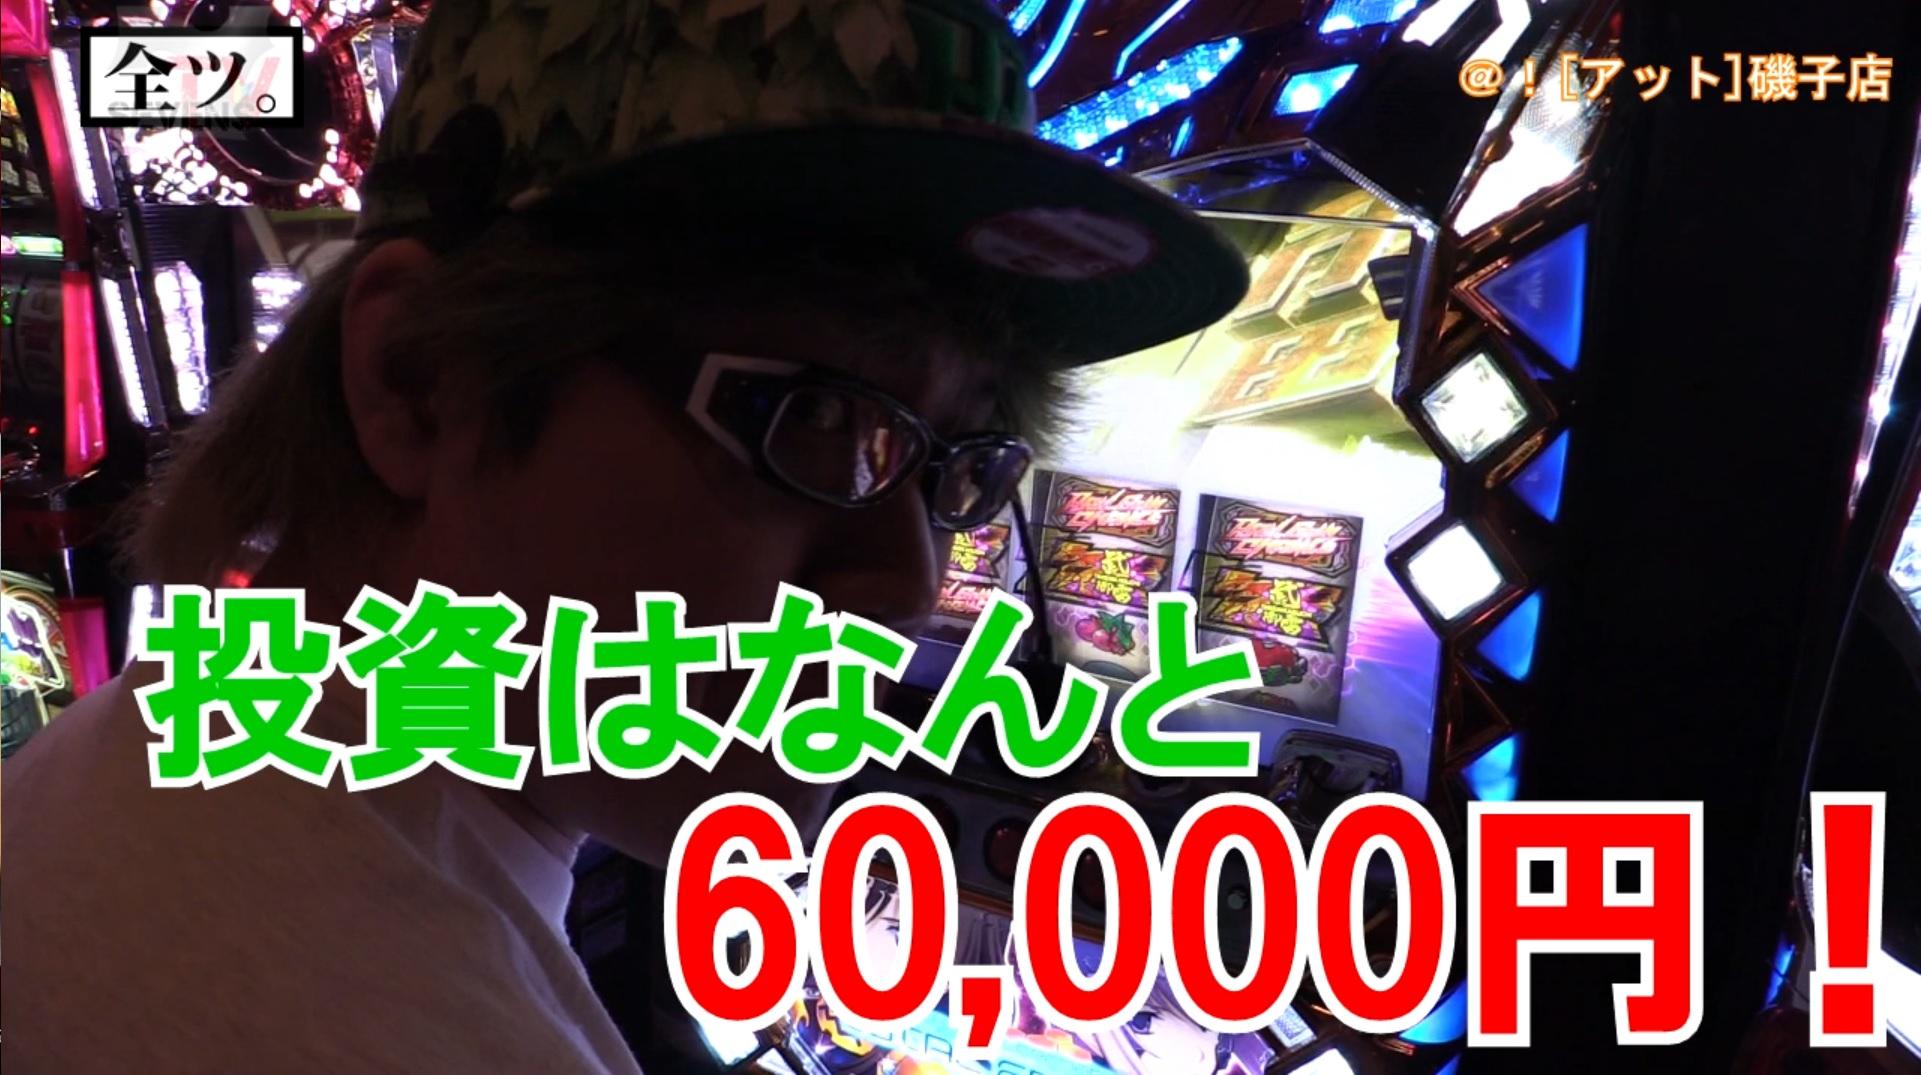 【#64】司芭扶がトータルイクリプスを全ツした結果【SEVEN'S TV】